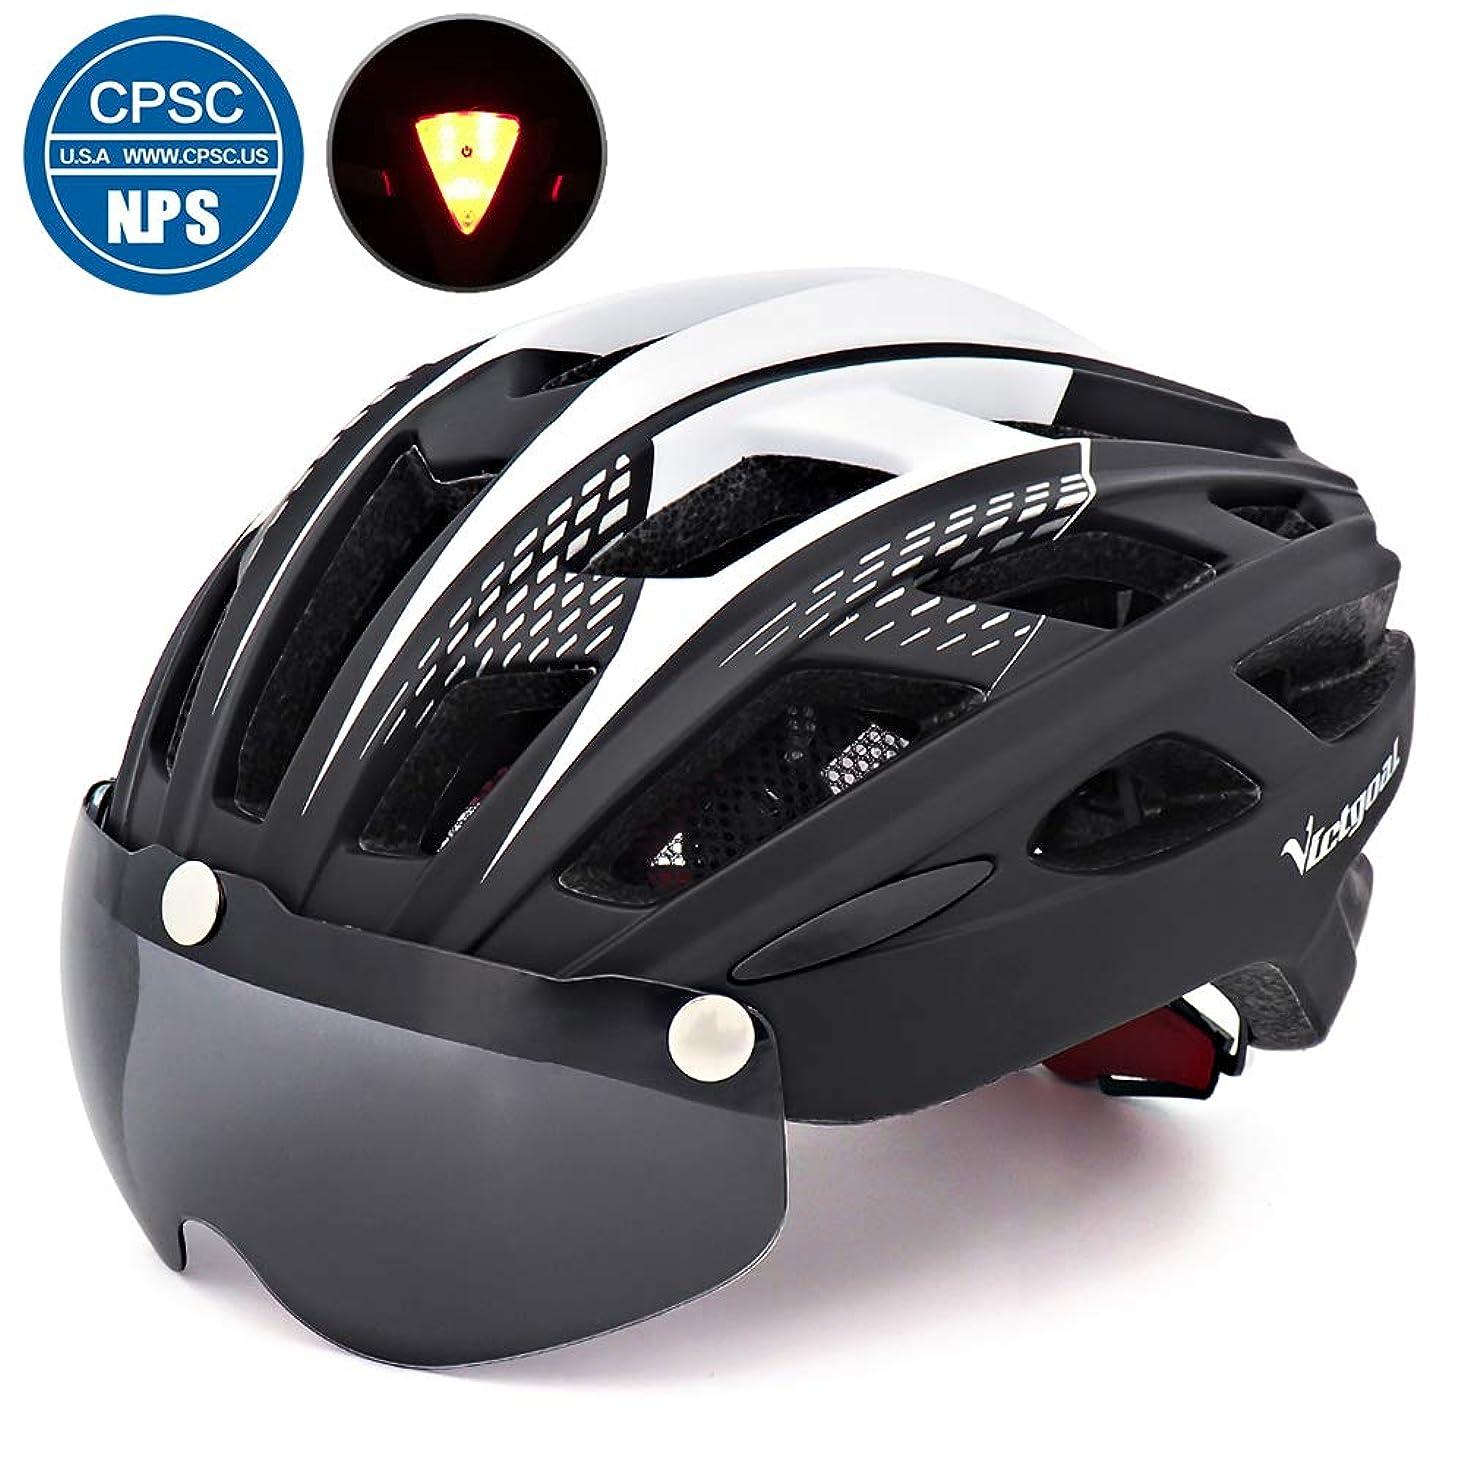 申し込む十億湿原自転車 ヘルメット, VICTGOAL大人男女兼用 で磁気ゴーグルバ 超軽量 高剛性 サイクリング ロードバイク クロスバイク スポーツ 通気 サイズ調整可能